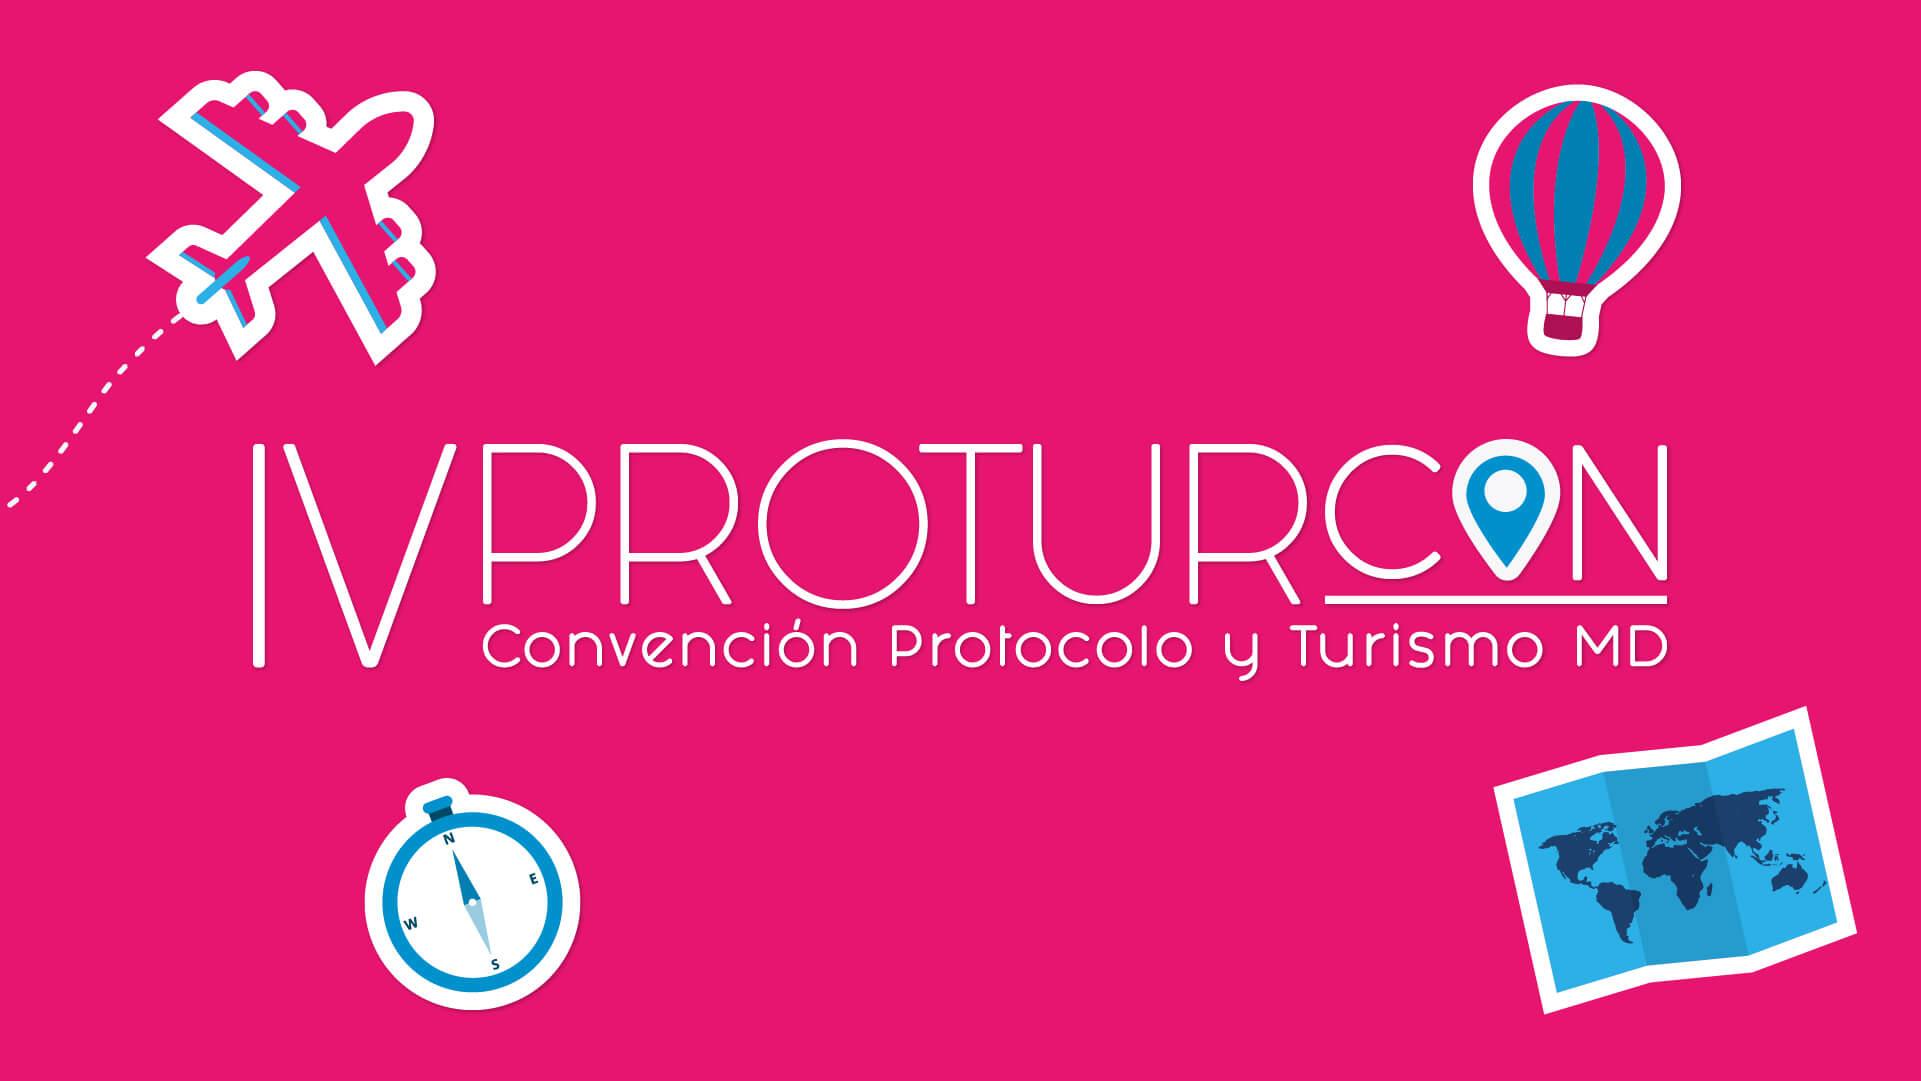 Proturcon: Convención de Turismo y Protocolo